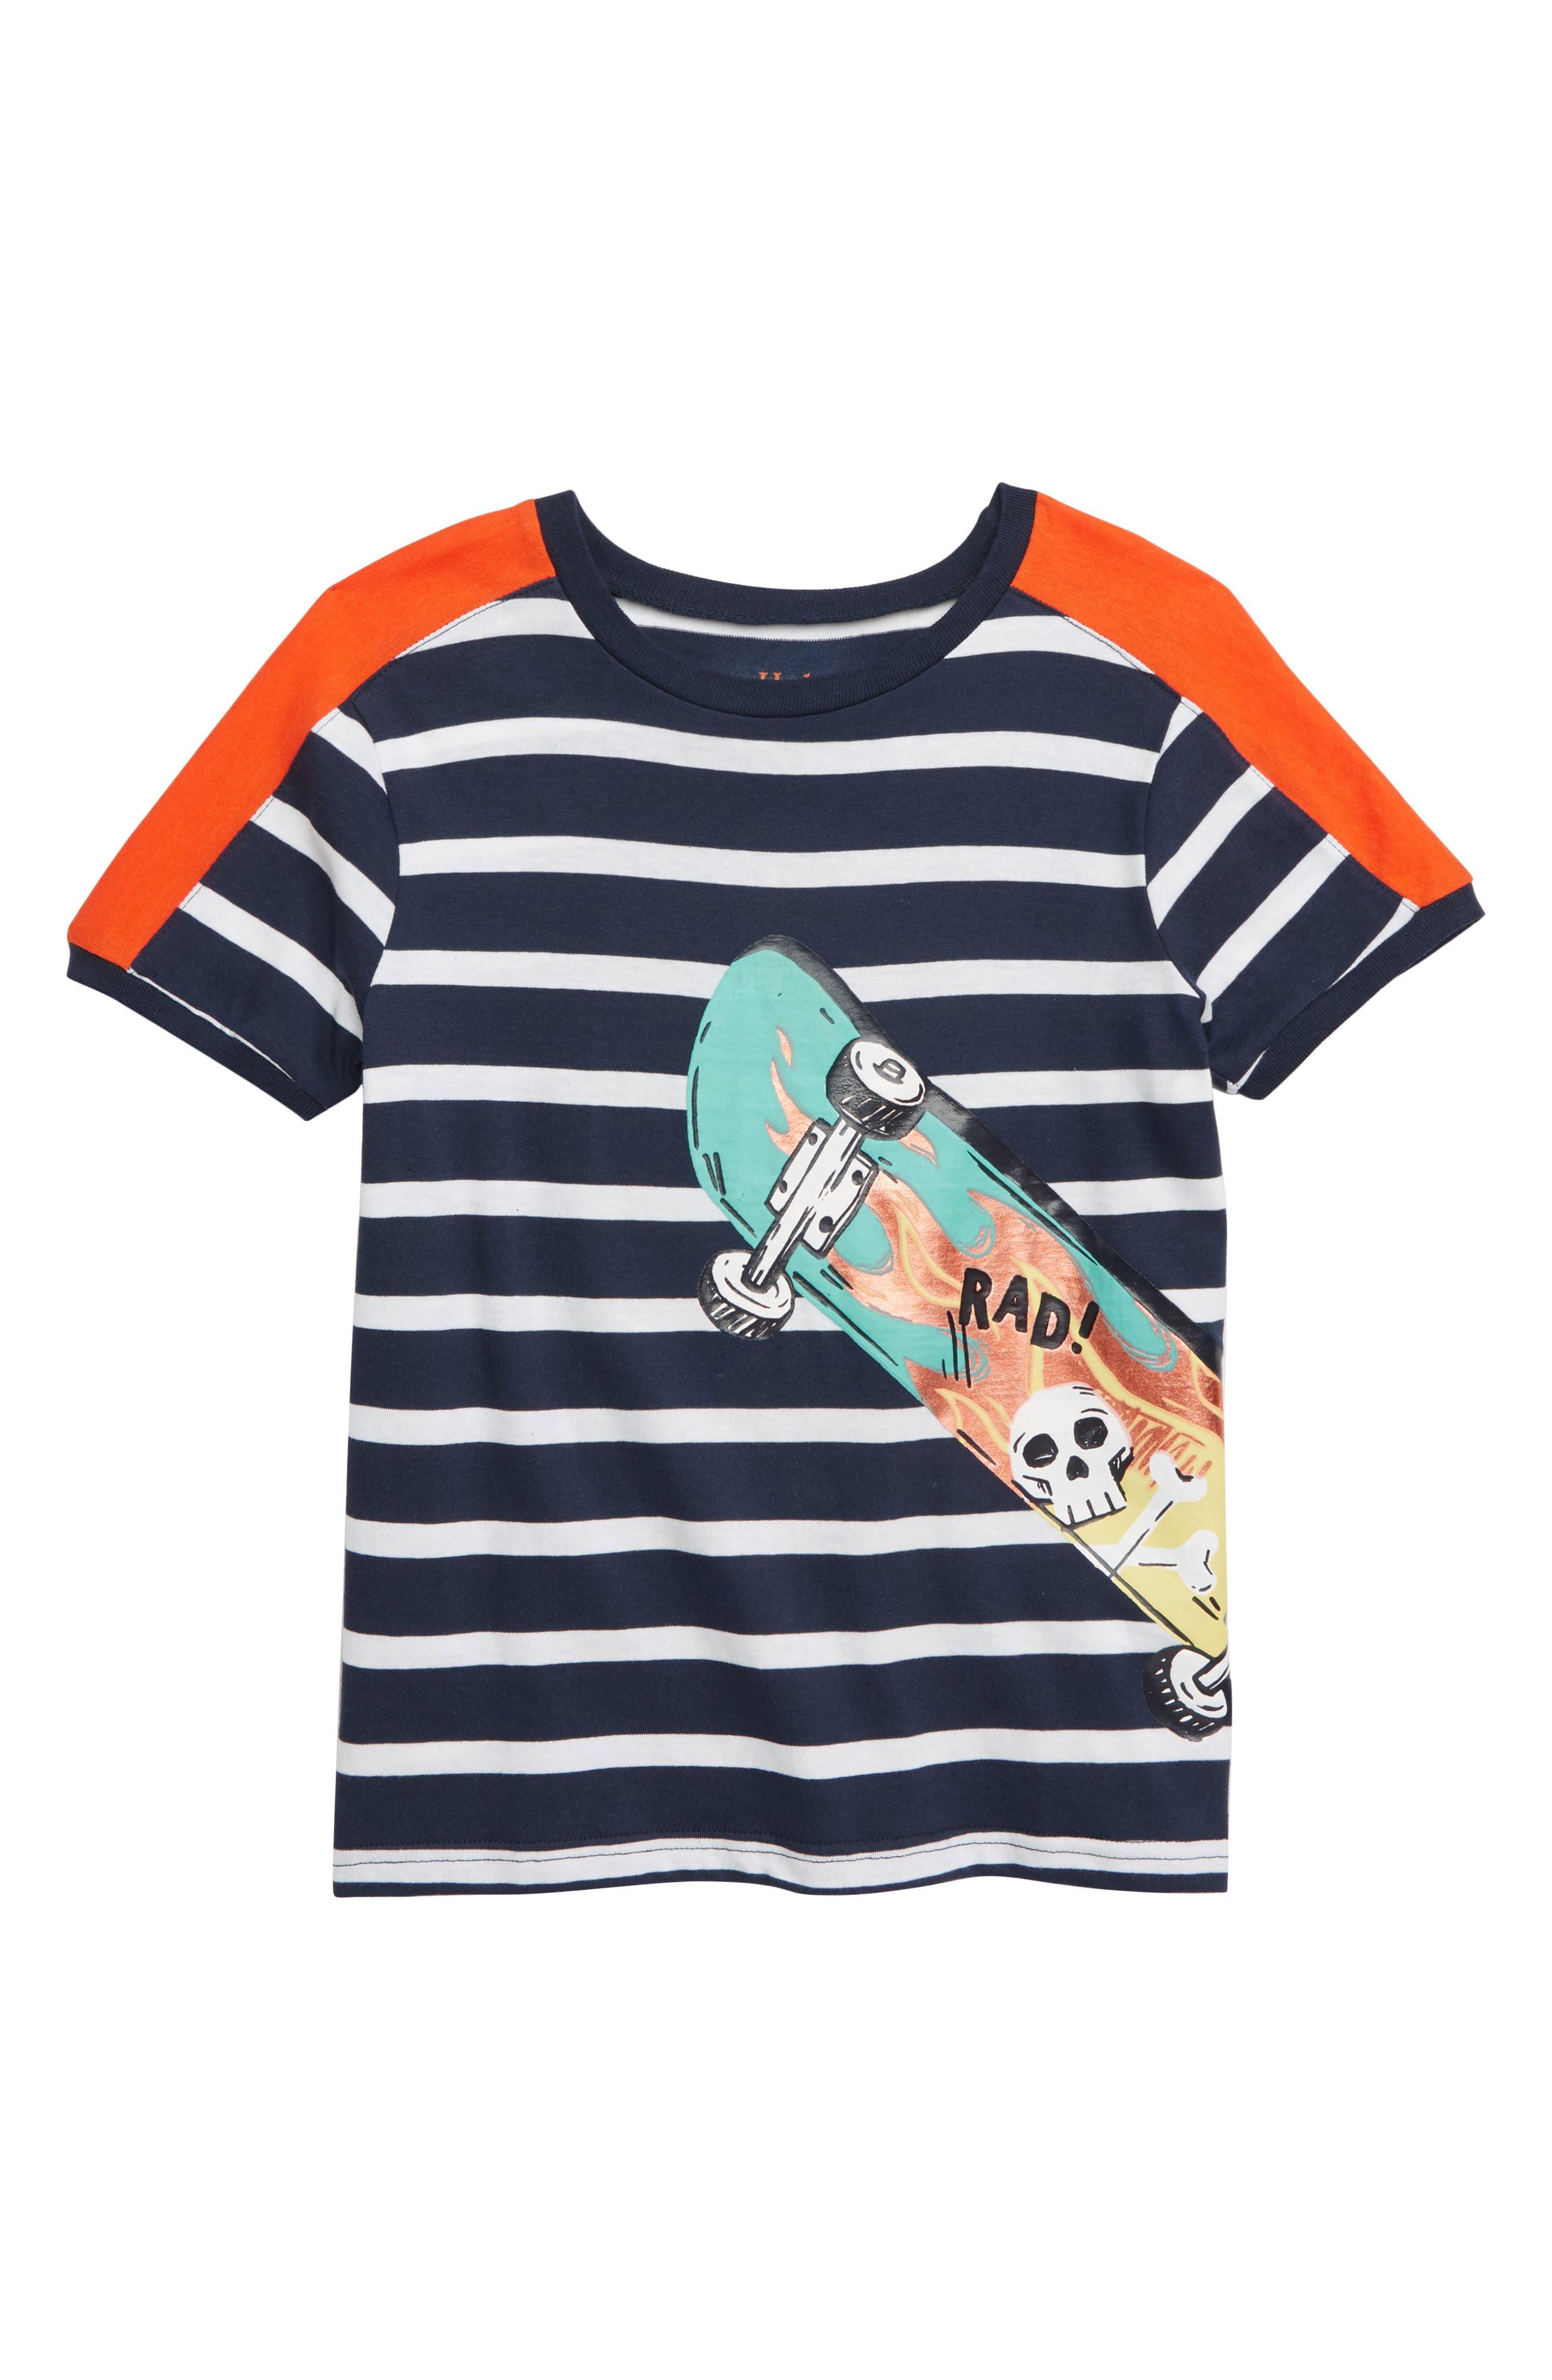 HATLEY, Cool Deck Graphic T-Shirt, Main thumbnail 1, color, BLUE